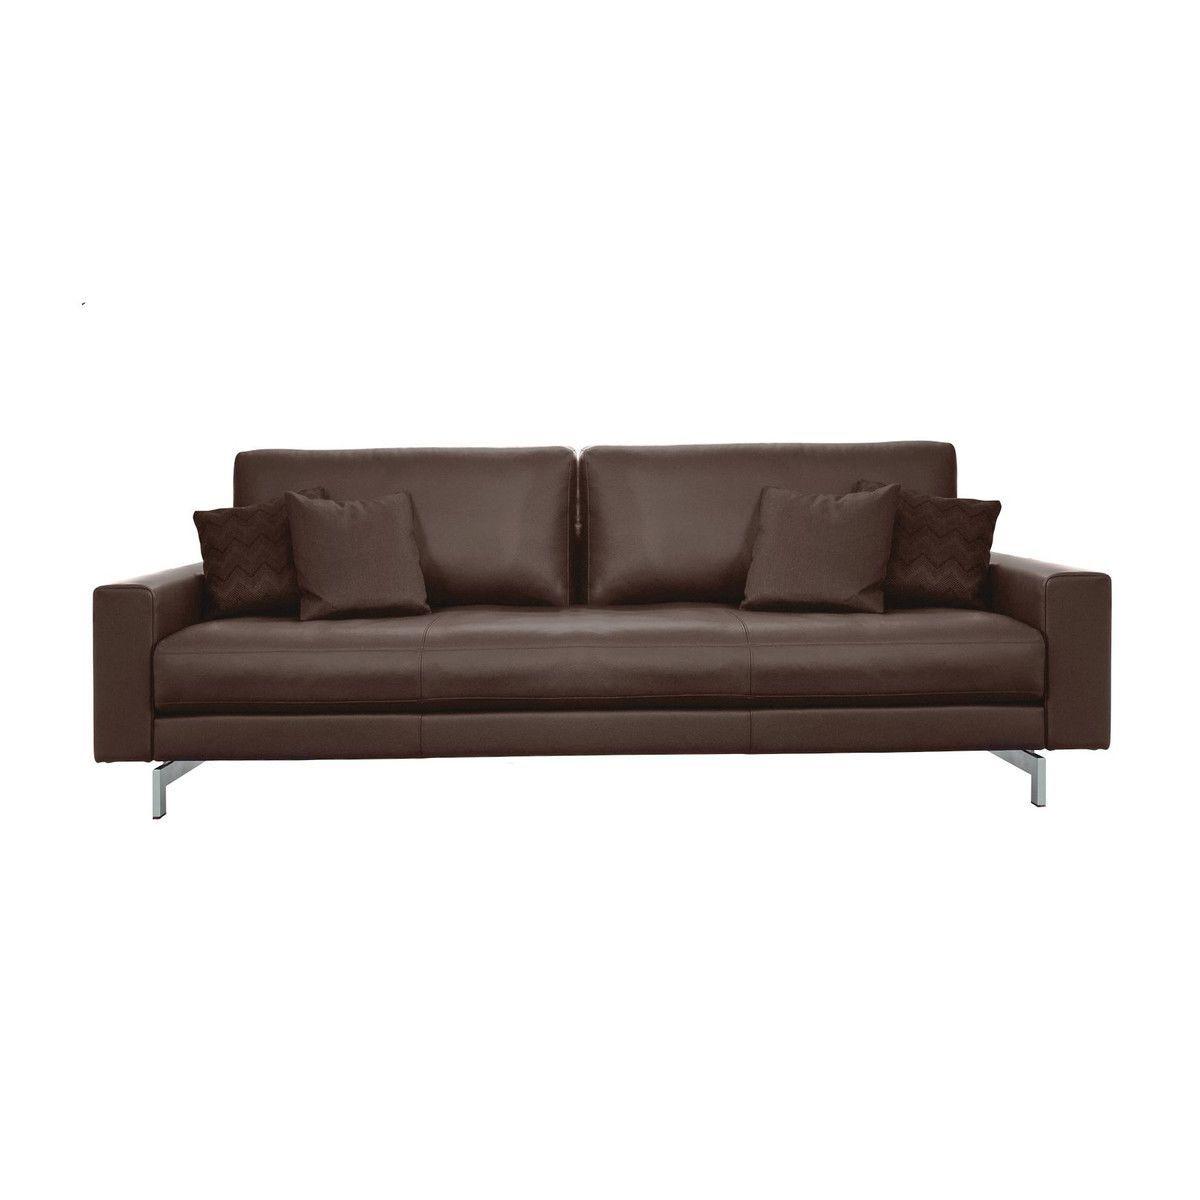 rolf benz vida sofa 3 seater rolf benz. Black Bedroom Furniture Sets. Home Design Ideas